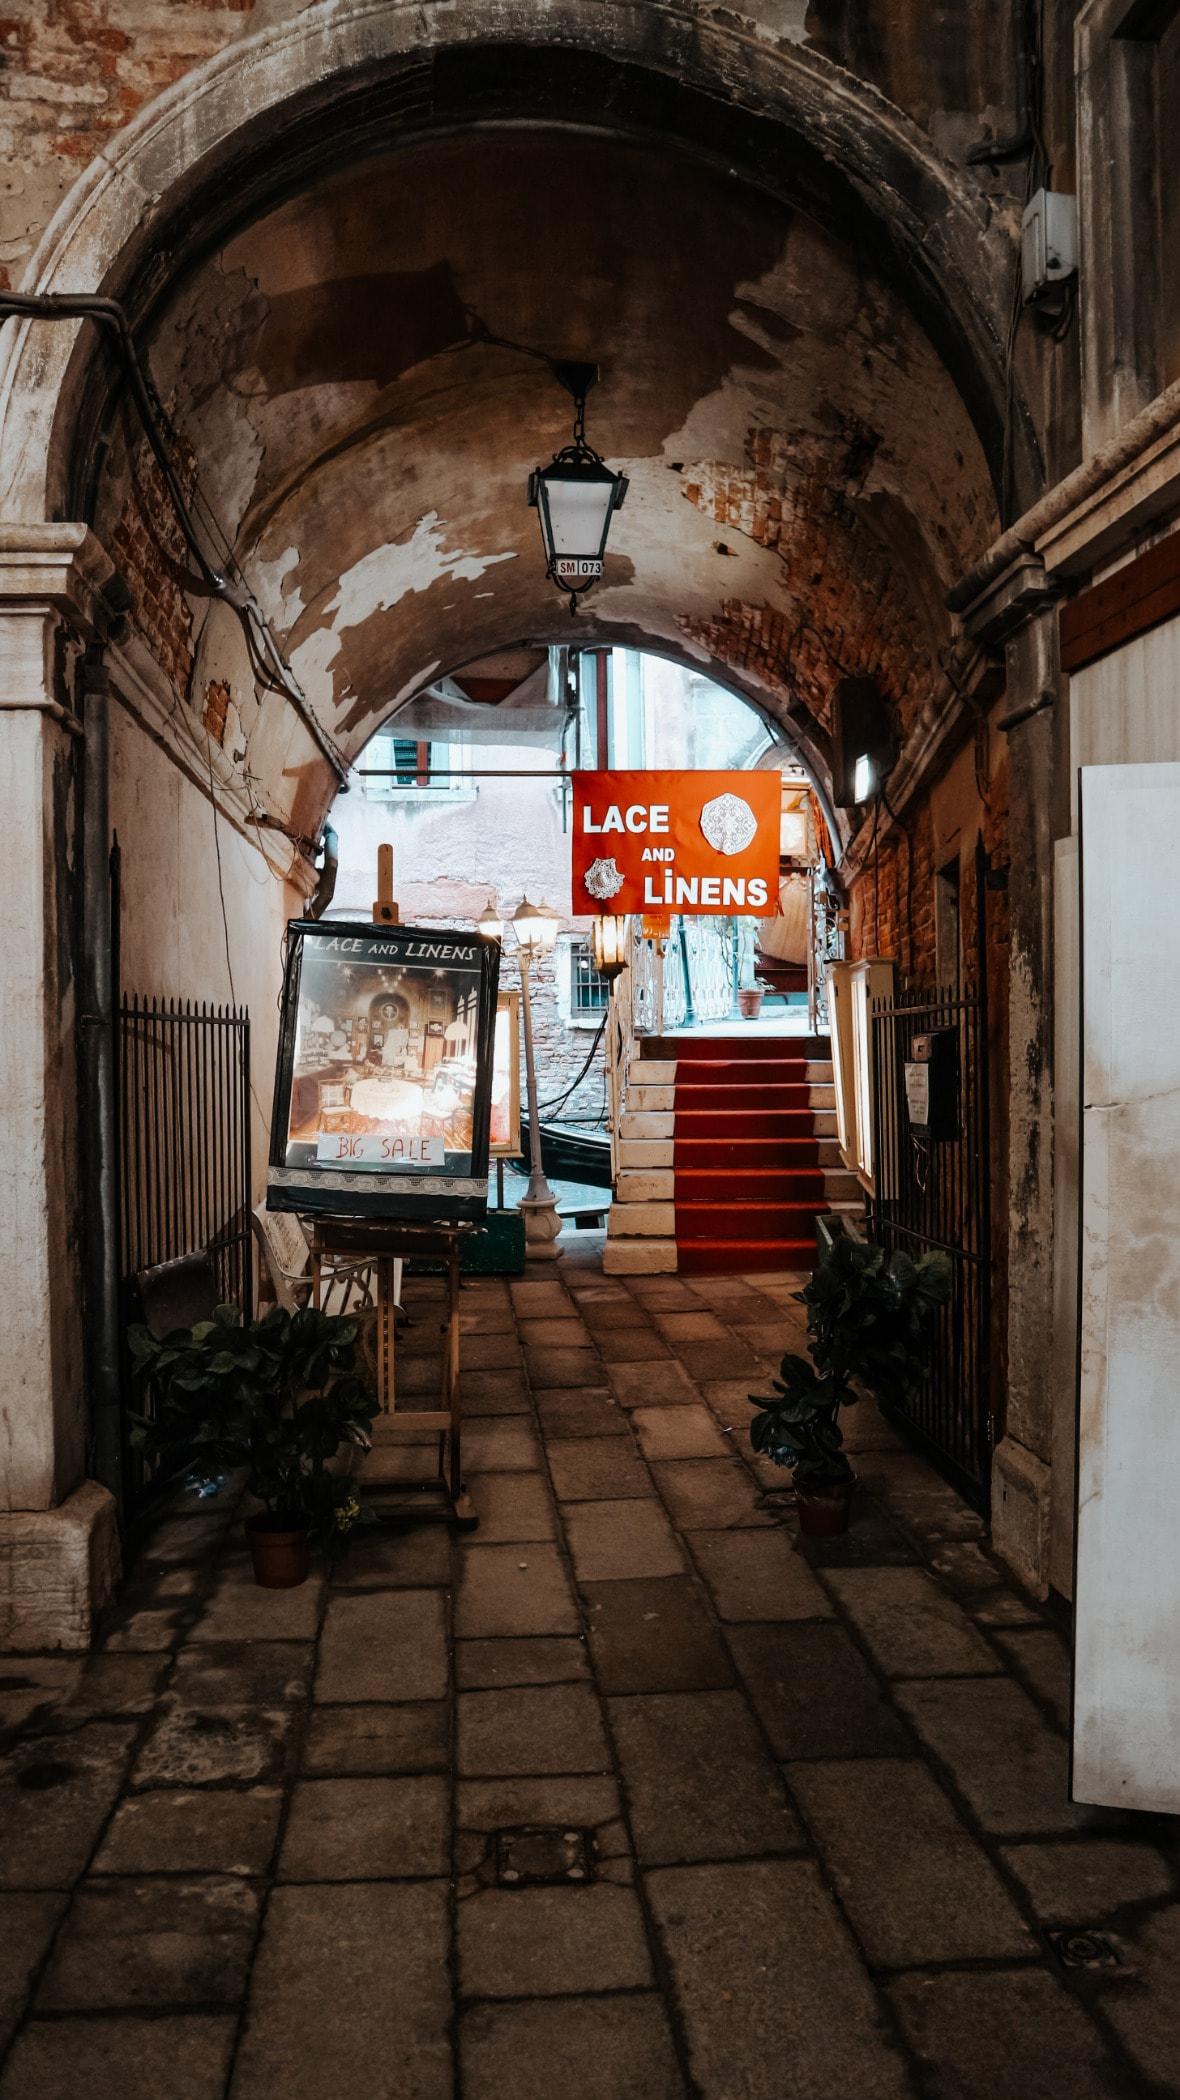 Losting in Venice